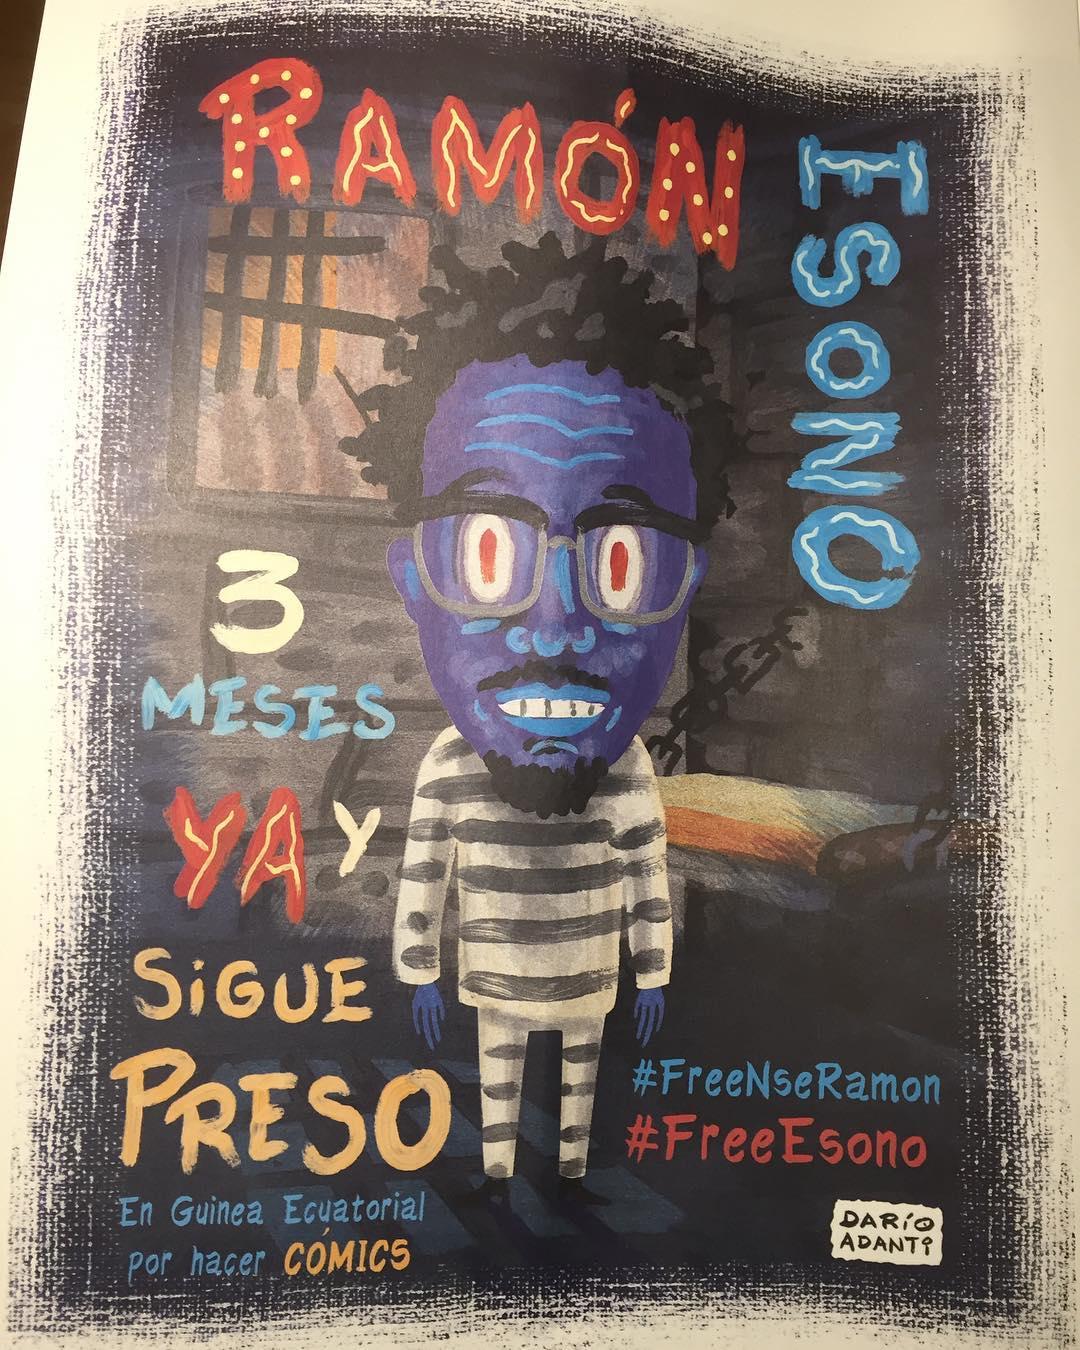 FreeNseRamon FreeEsono por Daro Adanti